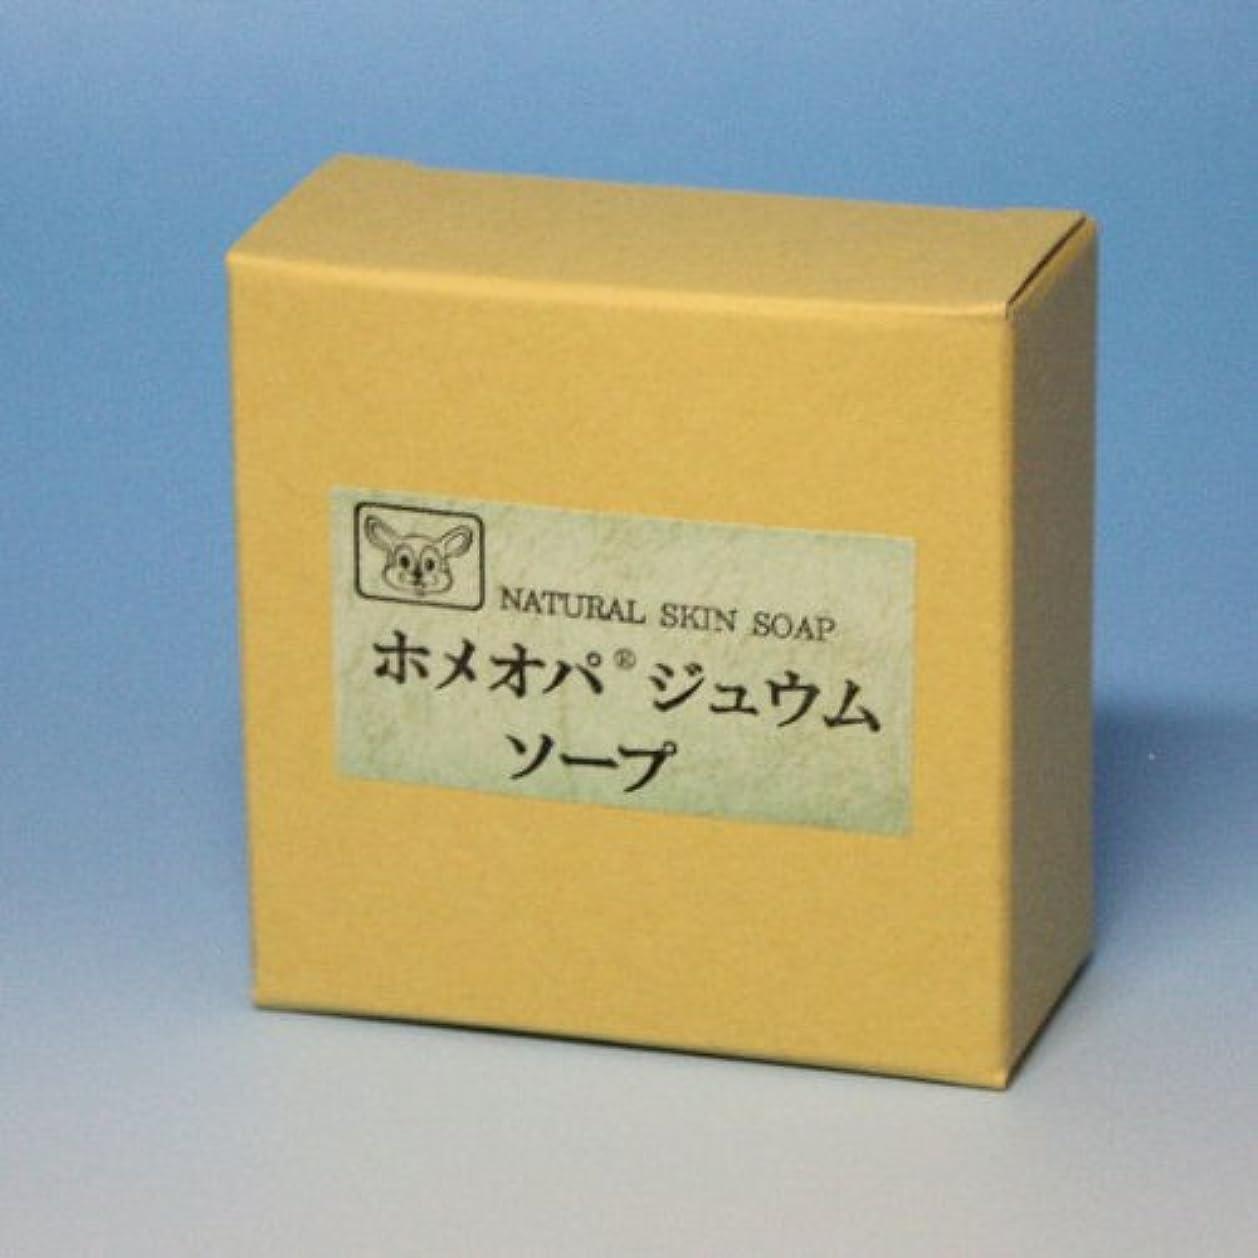 素晴らしい良い多くのプレゼント権威ホメオパジュウムソープ 100g